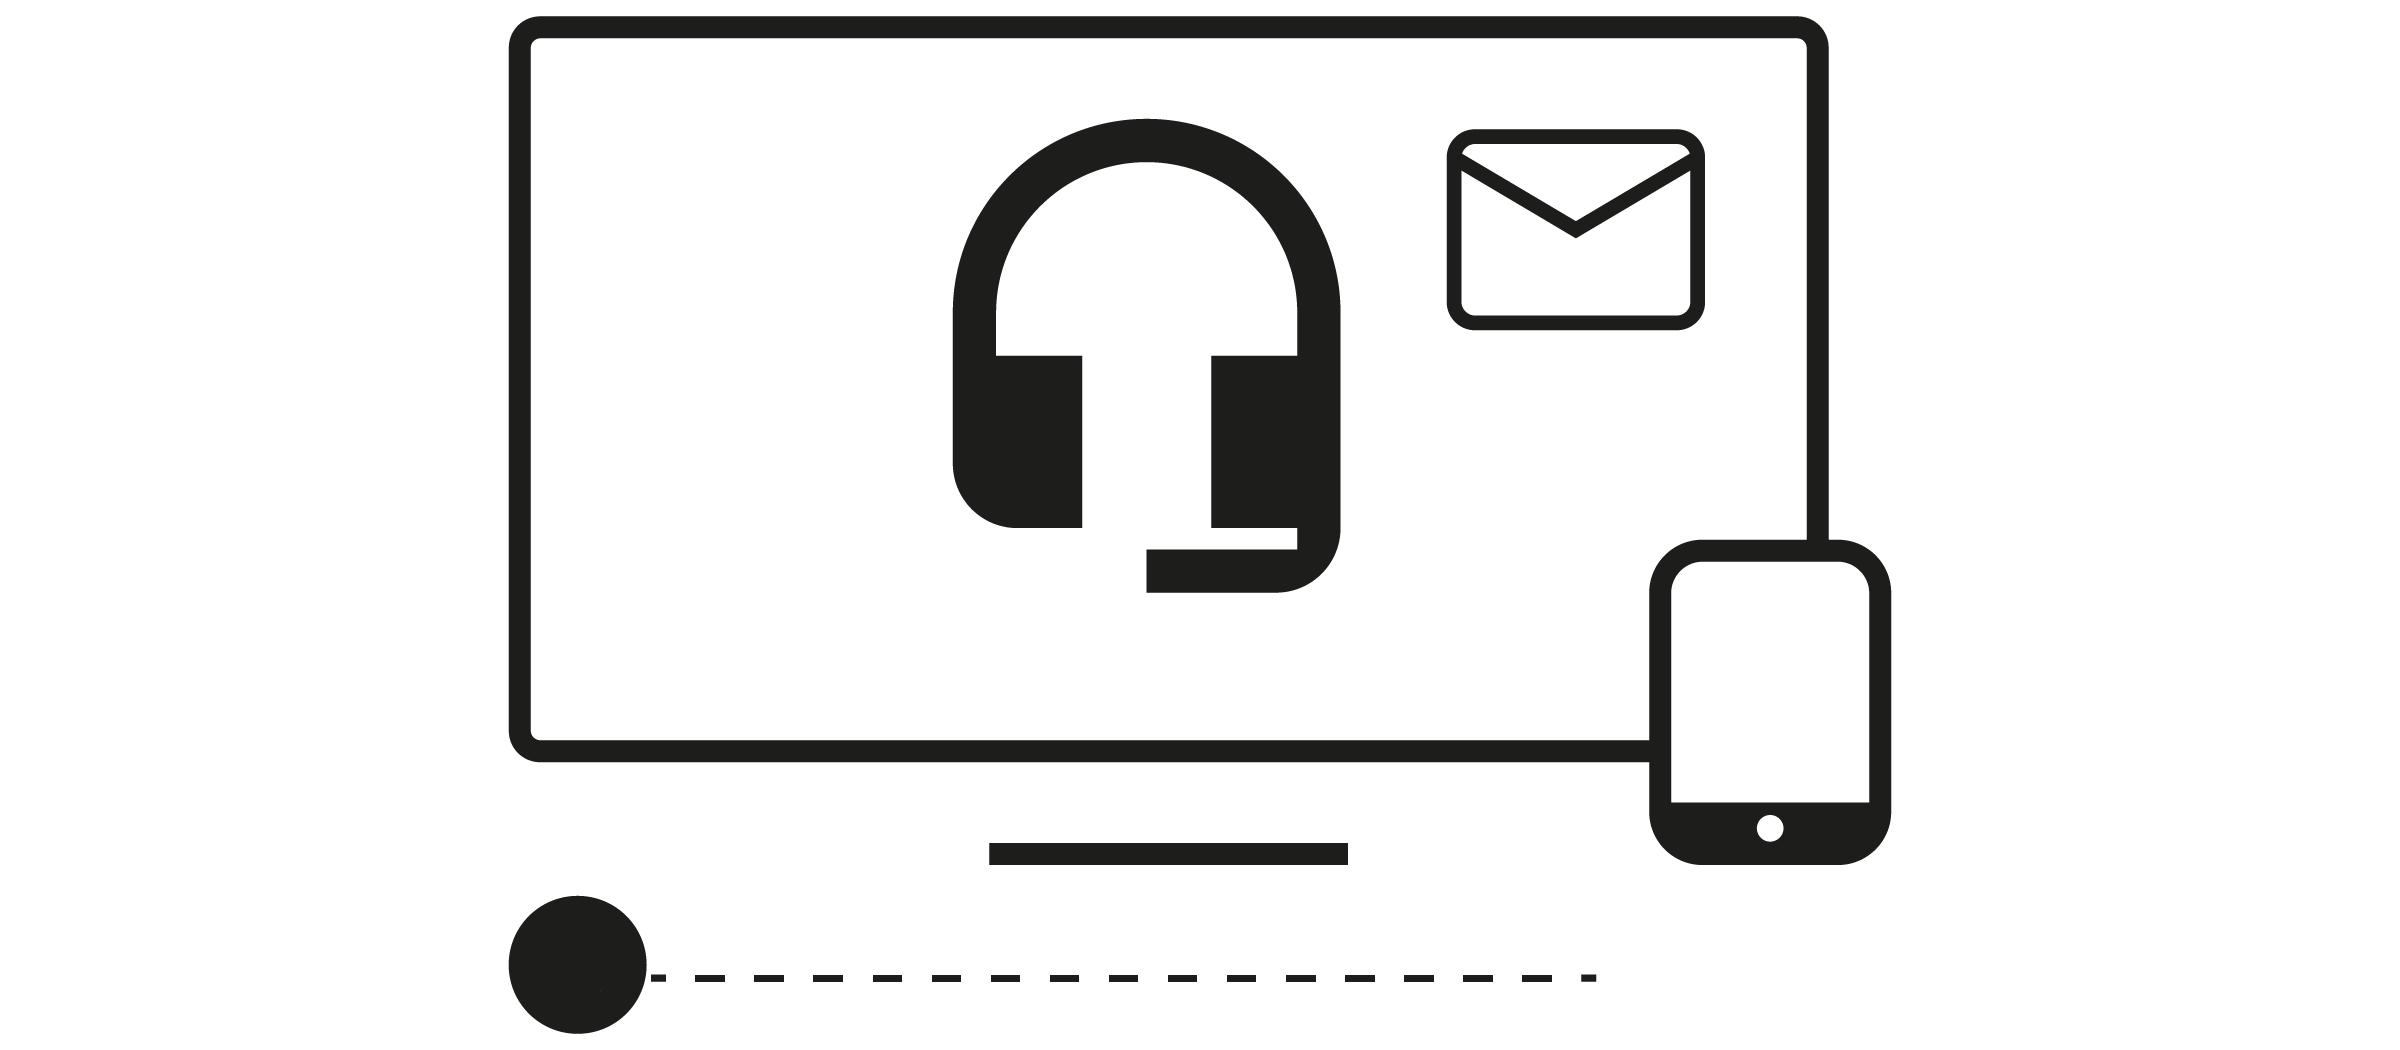 newsd-dporder-flowchart_screen-06_800x350px3x